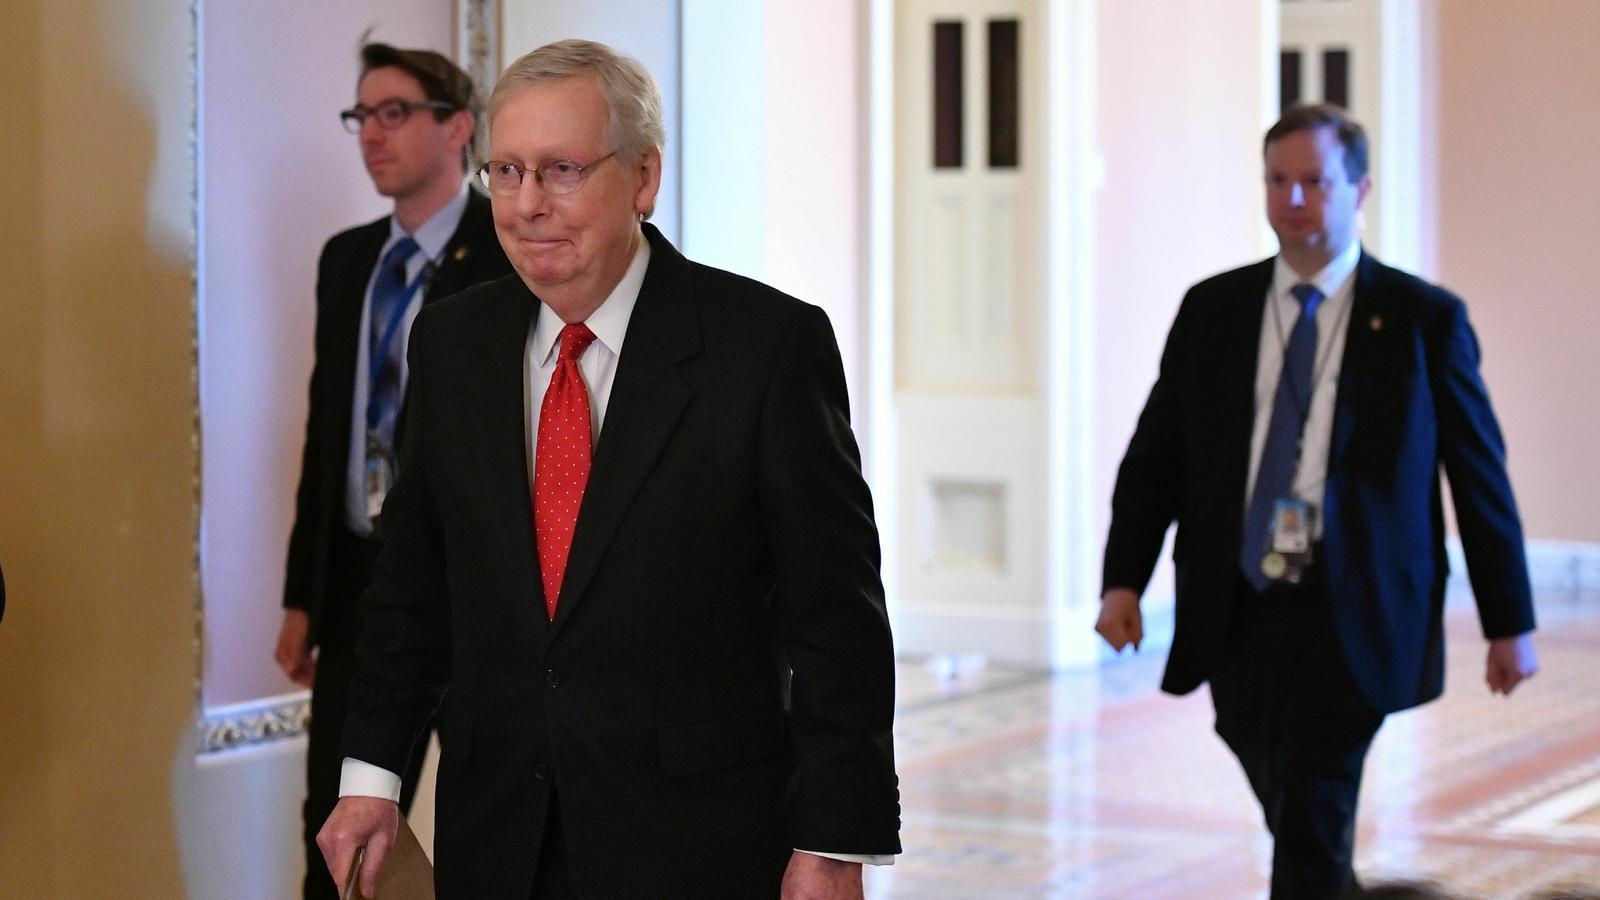 El portaveu dels republicans al Senat, Mitch McConnel, dicta les normes per a l'impeachment a la cambra alta i vol un procès sense testimonis.